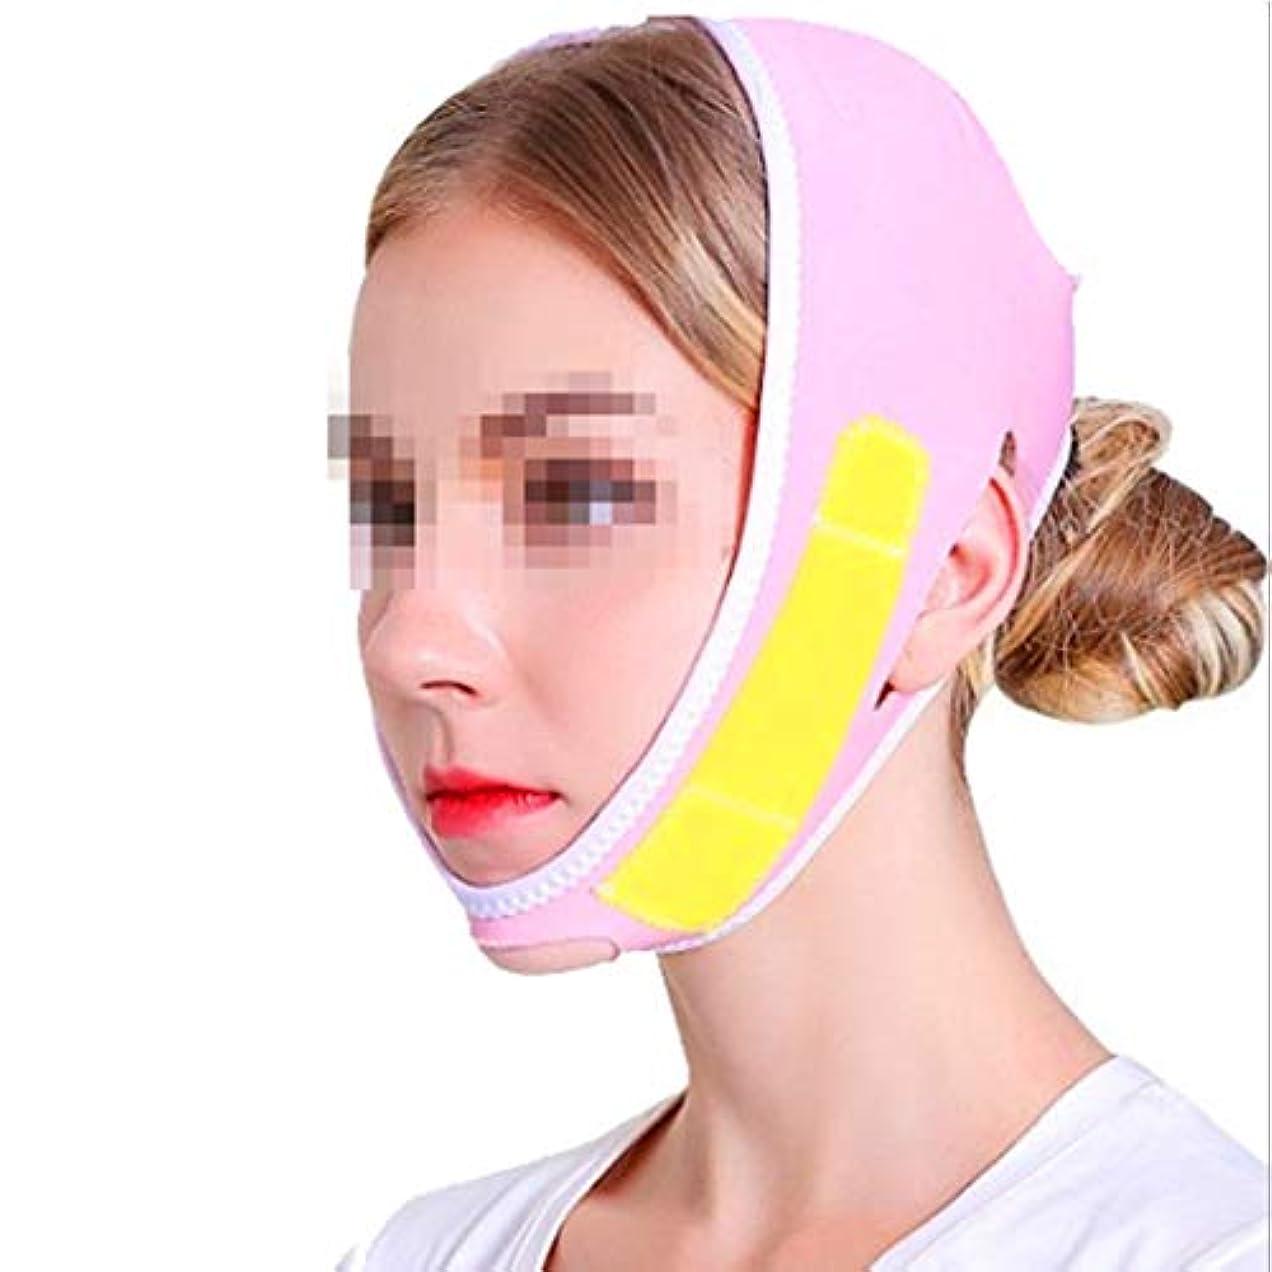 ビリーヤギワンダープランテーションフェイスリフトマスク、Vフェイスフェイシャルリフティングおよび締め付けをローラインマッサージ師ダブルチン美容整形包帯マルチカラーオプション (Color : Pink)